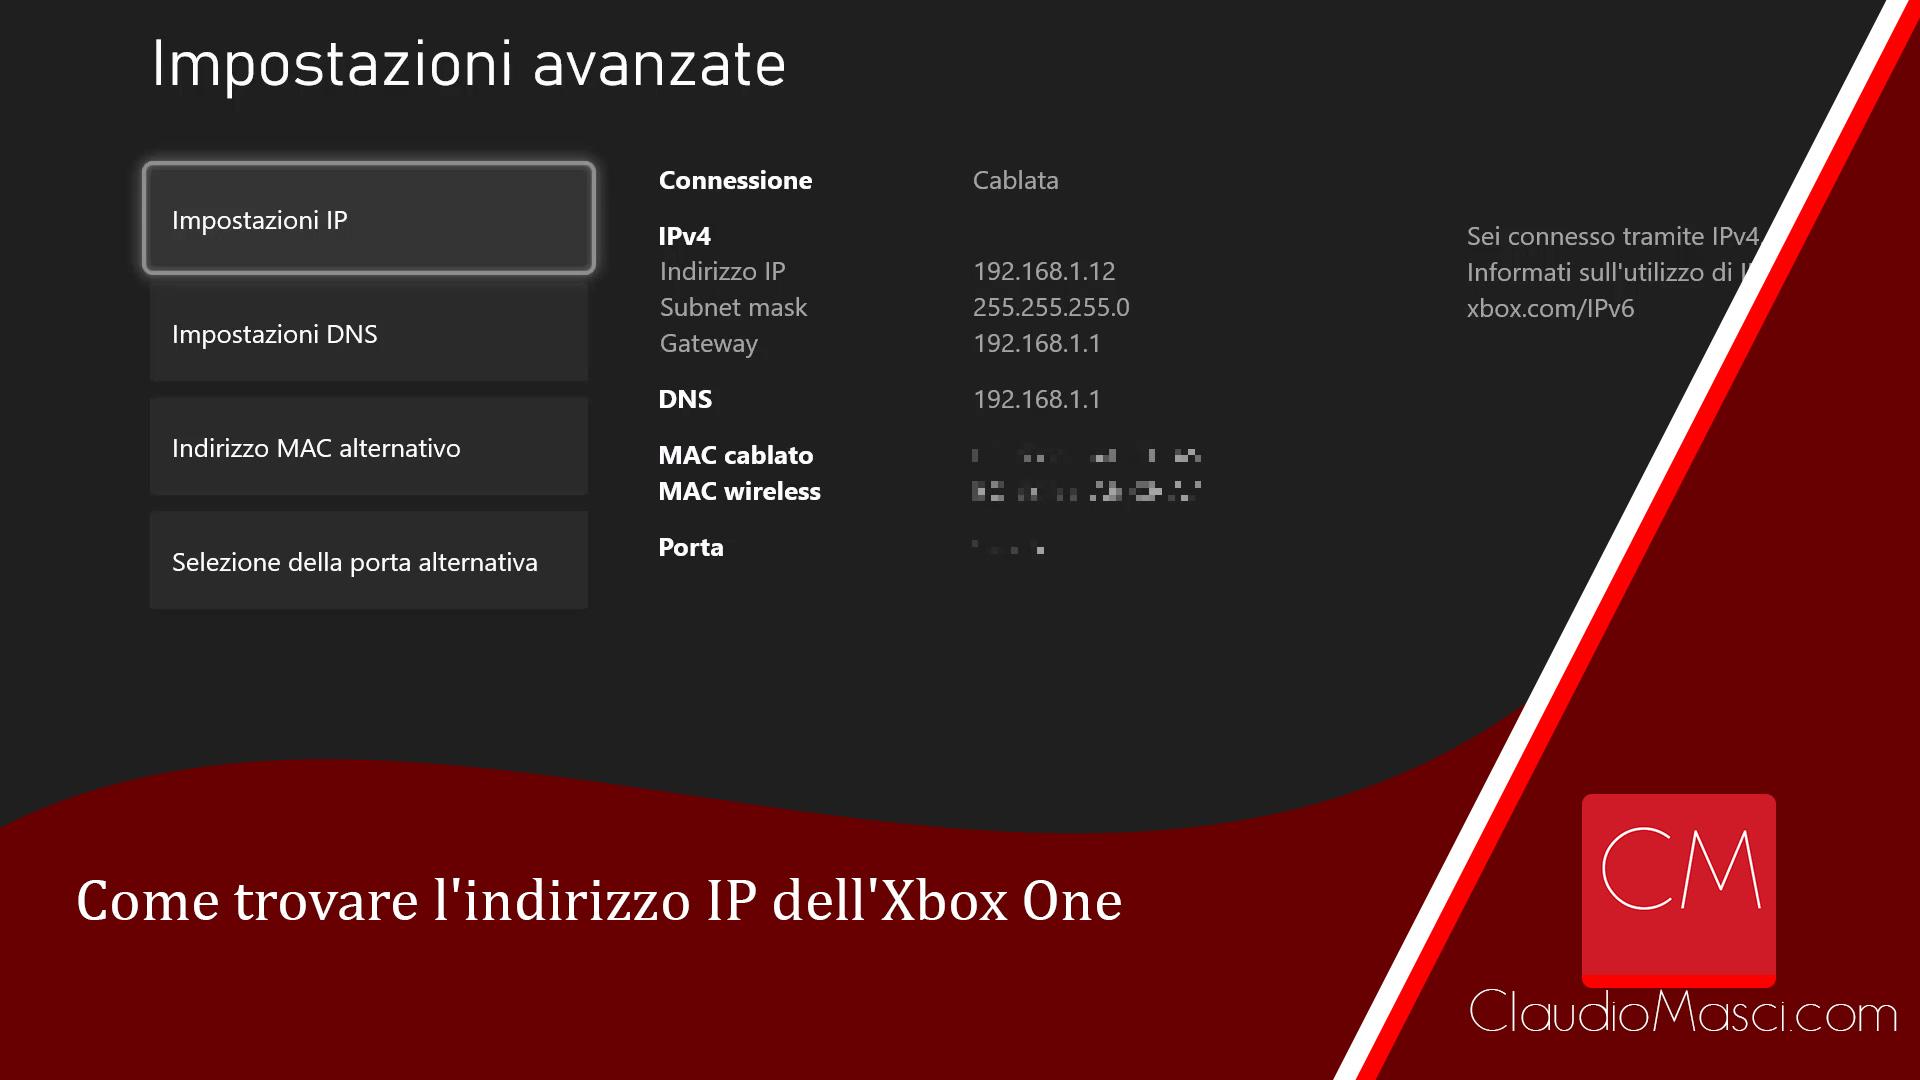 Come trovare l'indirizzo IP dell'Xbox One